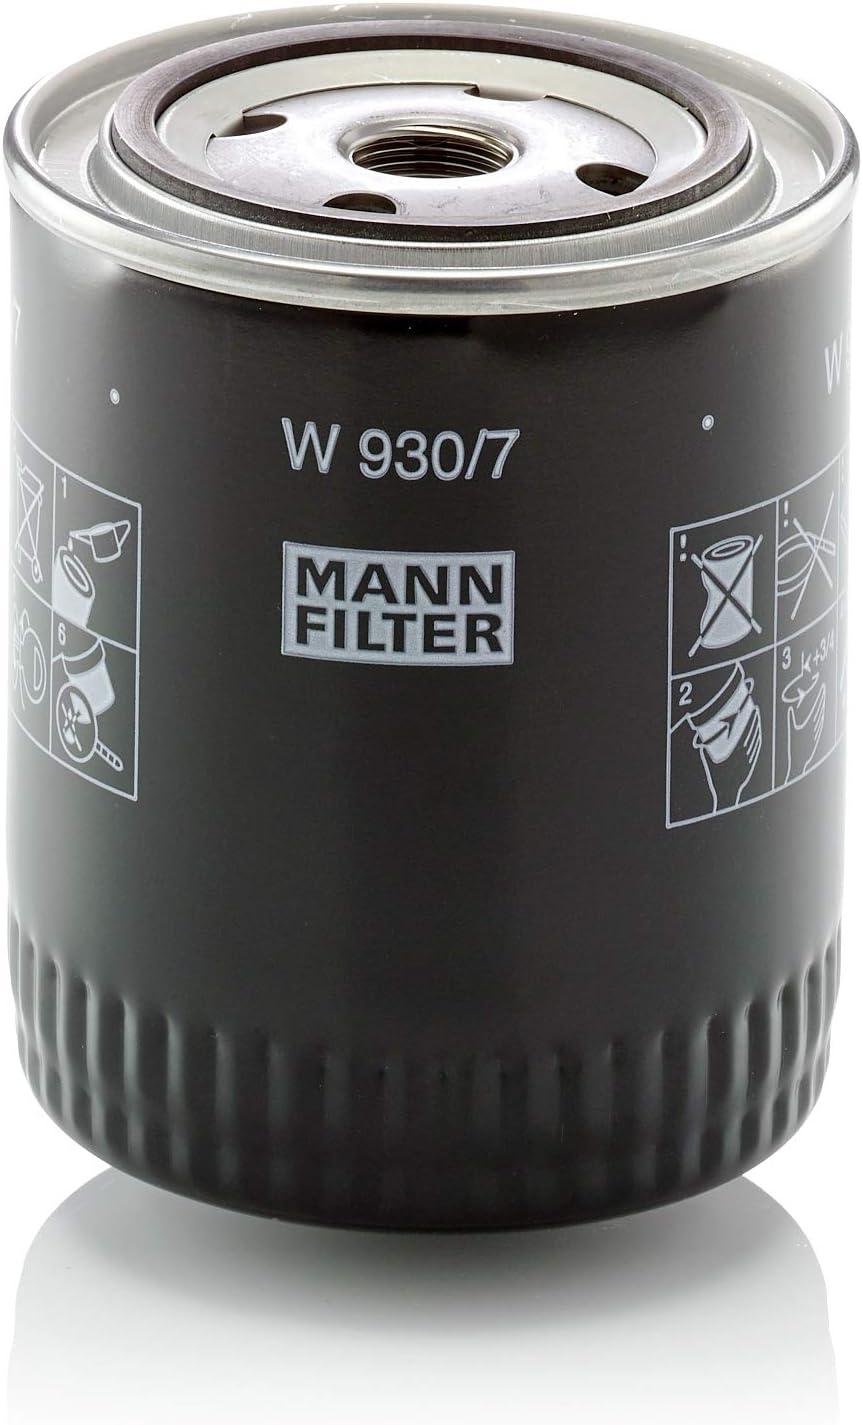 Original Mann Filter Ölfilter W 930 7 Für Nutzfahrzeuge Auto